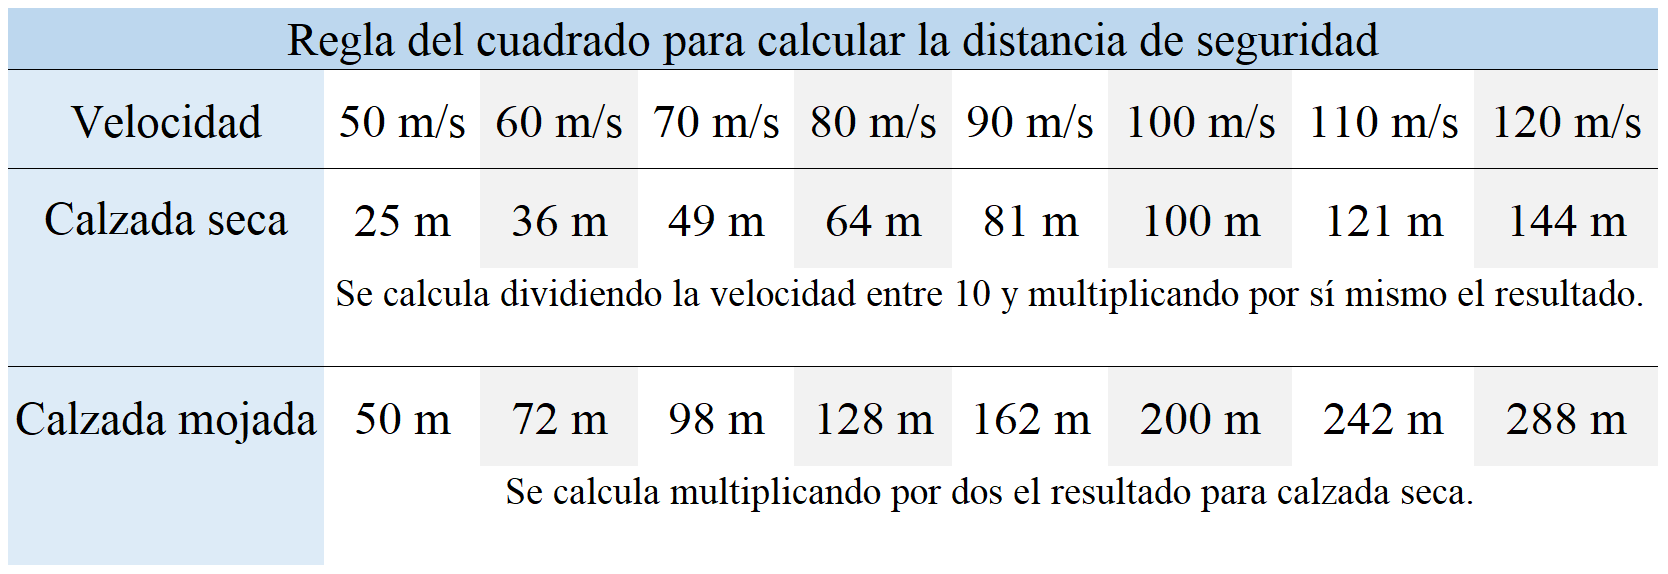 regla del cuadrado de la velocidad